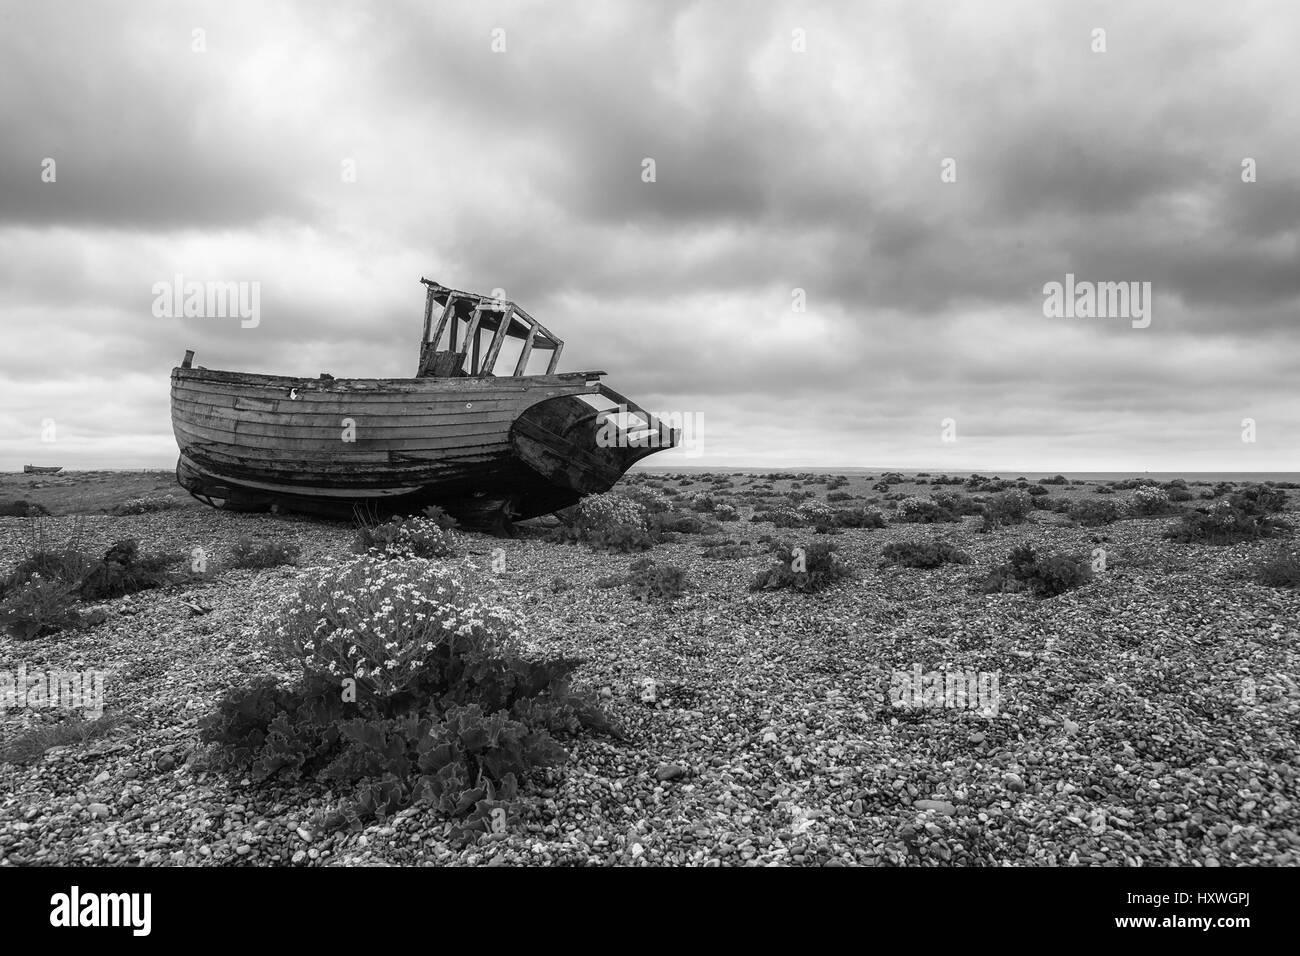 Fishing boat abandoned on the shingle beach at Dungeness, Kent, England, UK - Stock Image